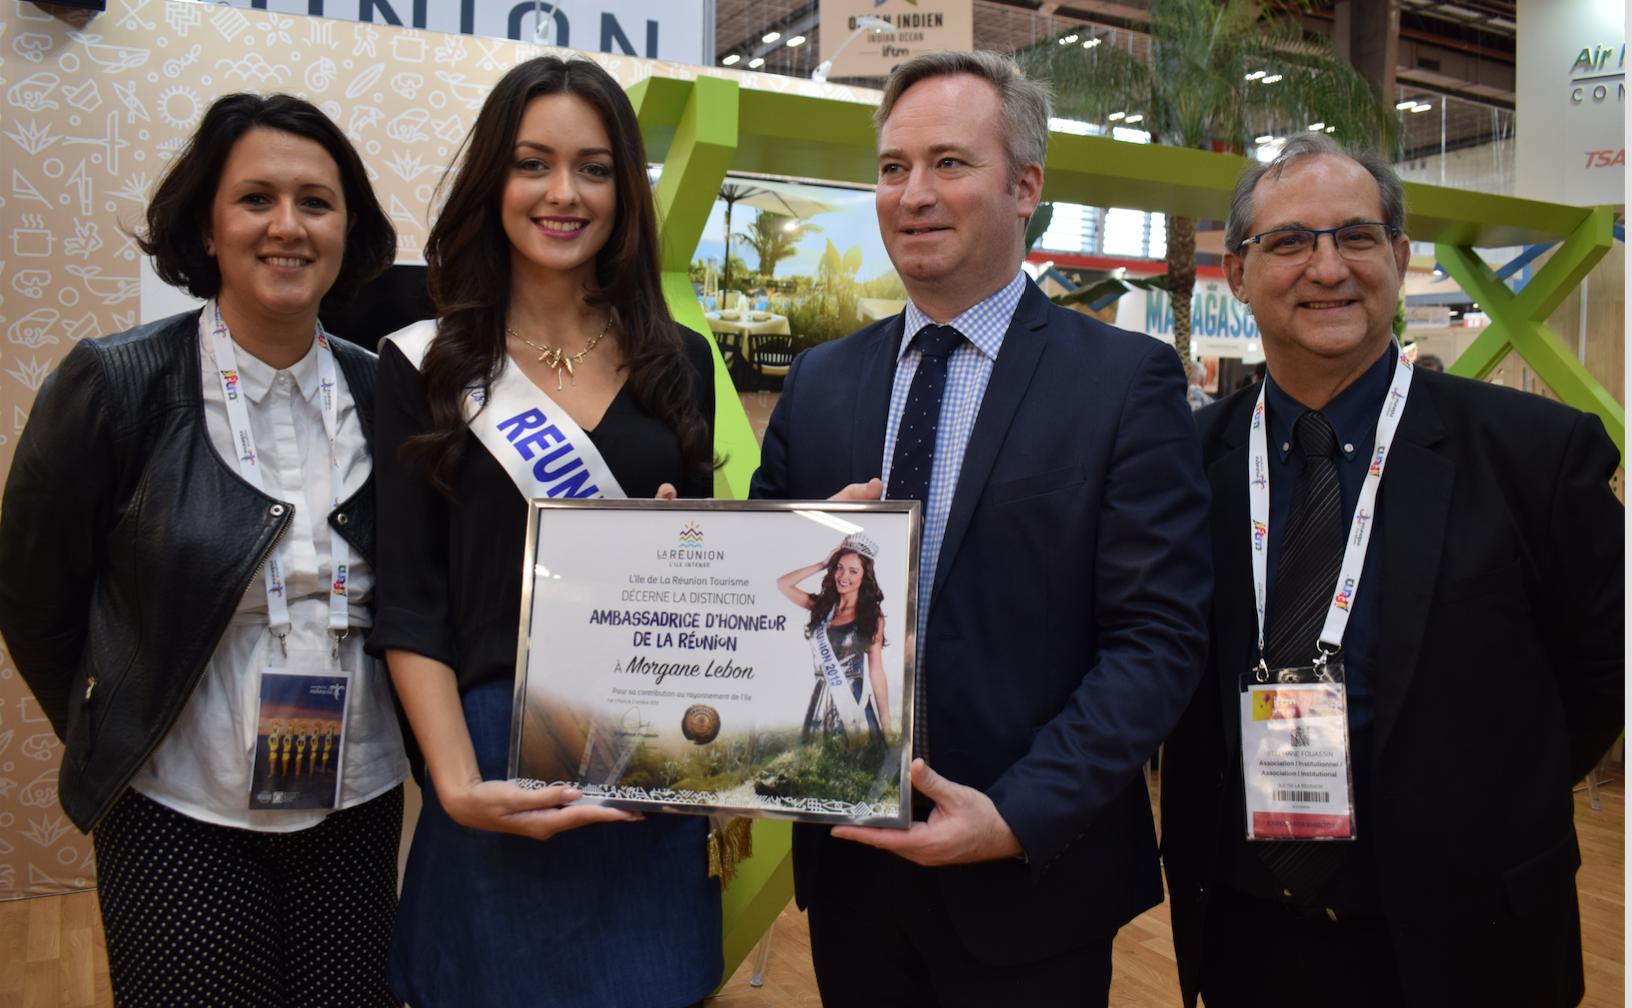 Morgane Lebon a été nommée Ambassadrice d'Honneur de La Réunion, son titre lui a été remis par Jean-Baptiste Lemoyne, Secrétaire d'Etat au Tourisme, en présence de Stéphane Fouassin et de Suzanne Soba